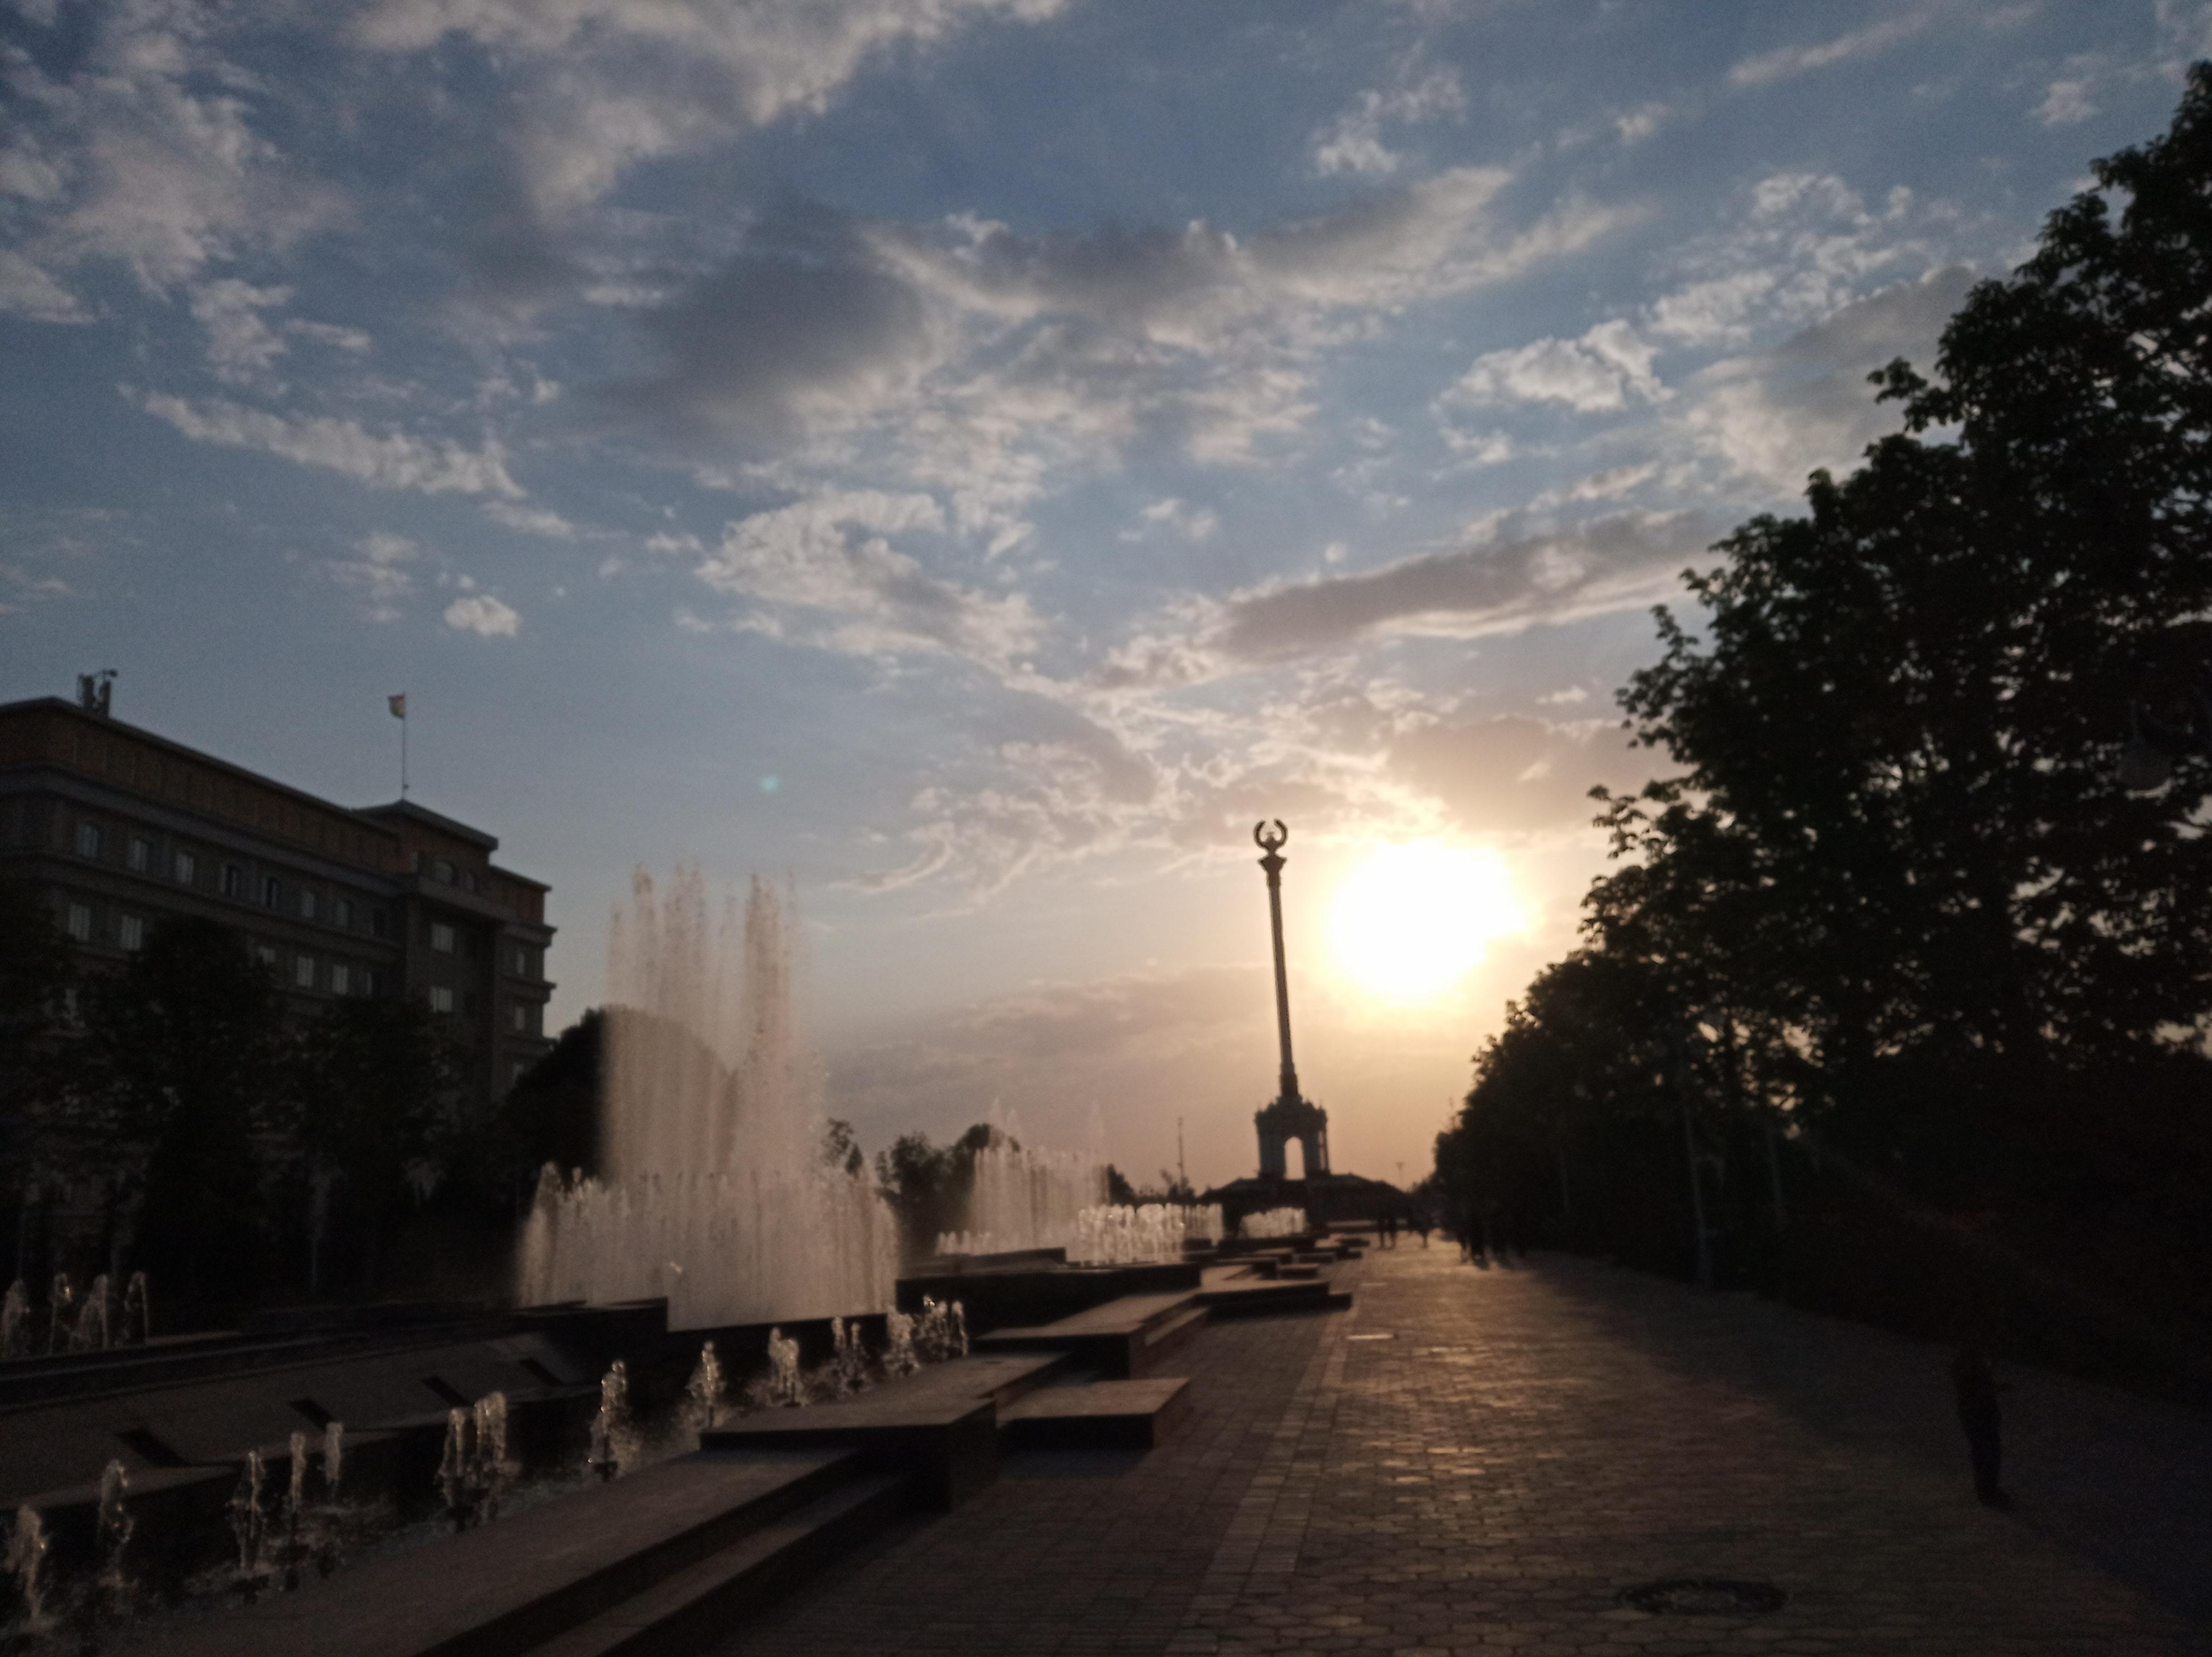 City Streets of Dushanbe, Tajikistan